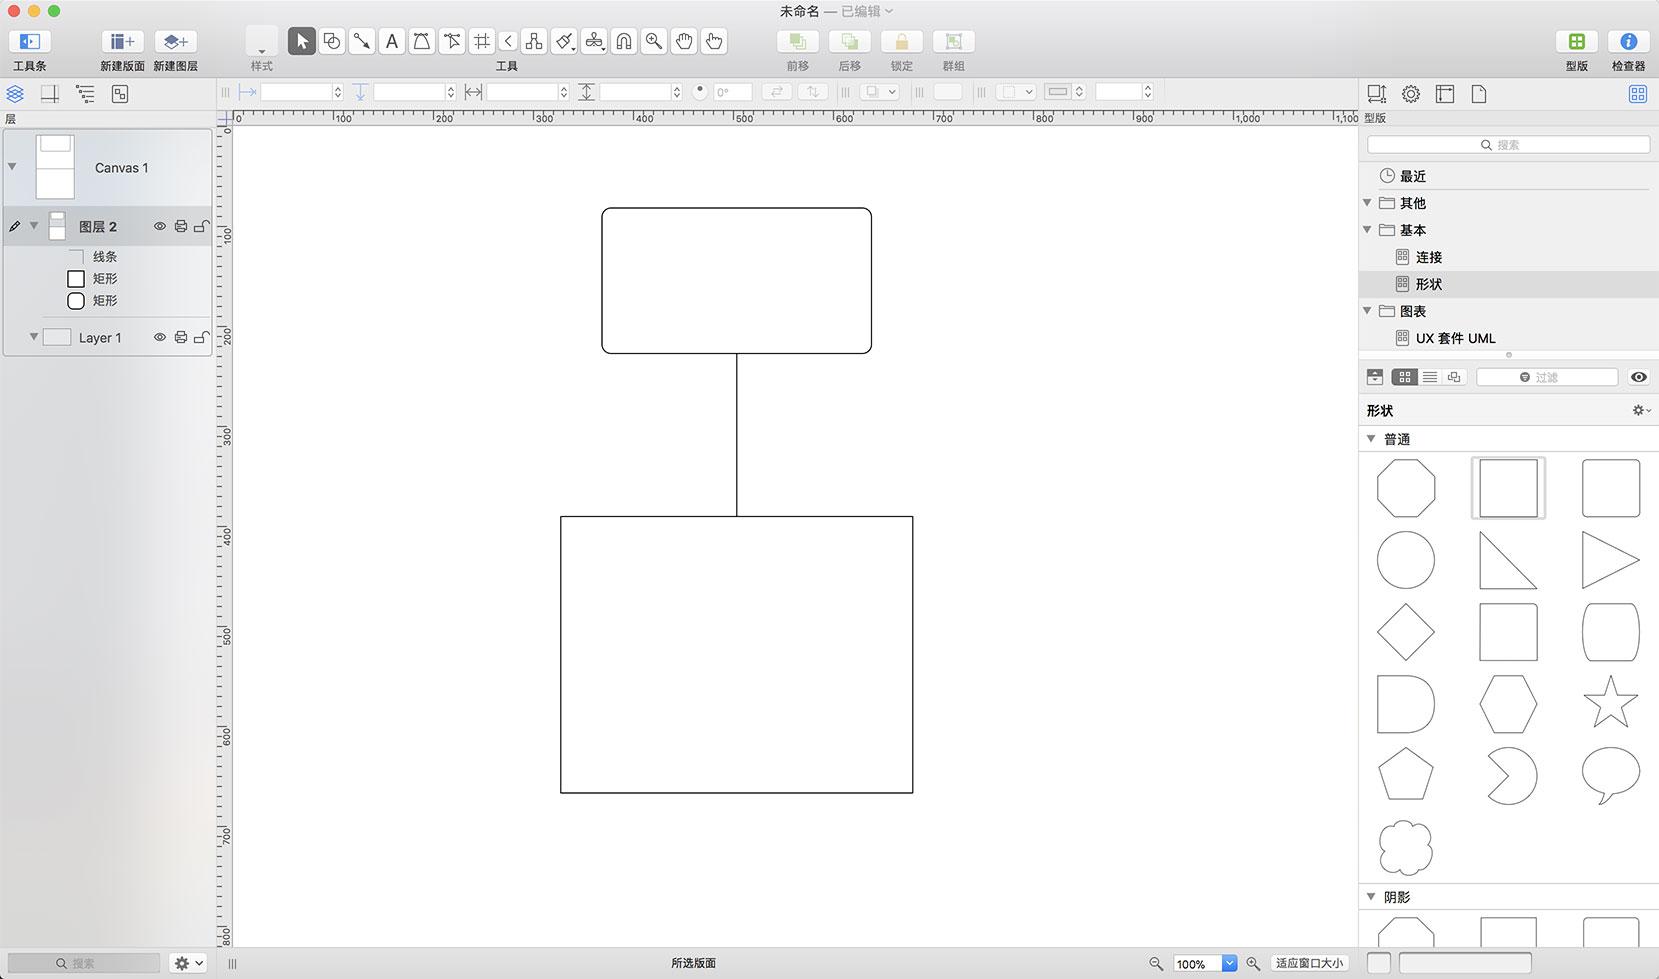 OmniGraffle Pro 7.7.1 - Mac上强大又简单的流程等多功能图形工具